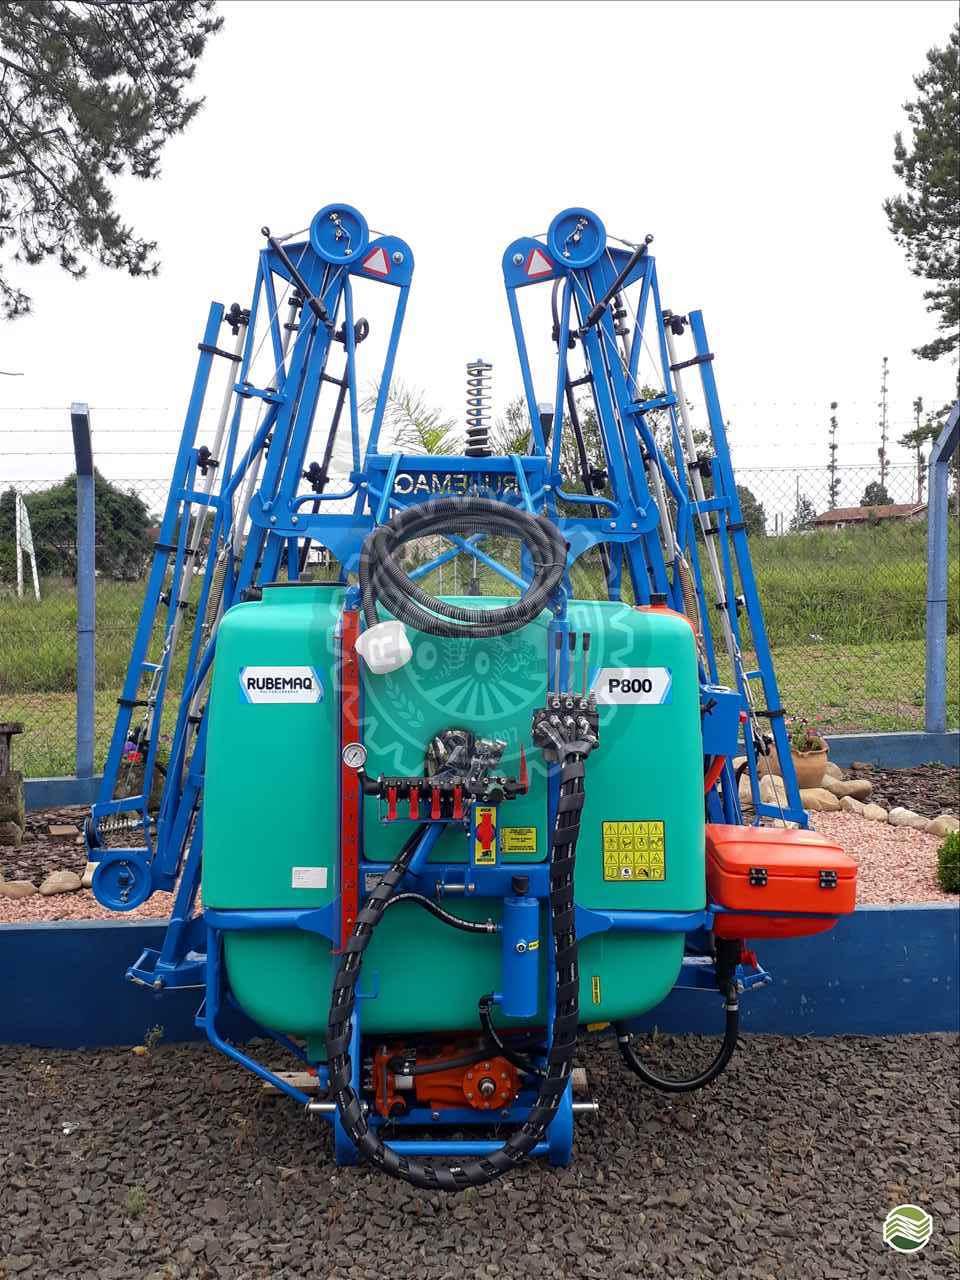 PULVERIZADOR RUBEMAQ PULV. 600  HIDRAULICO  Acoplado Hidráulico RD Tratores PAULO FRONTIN PARANÁ PR